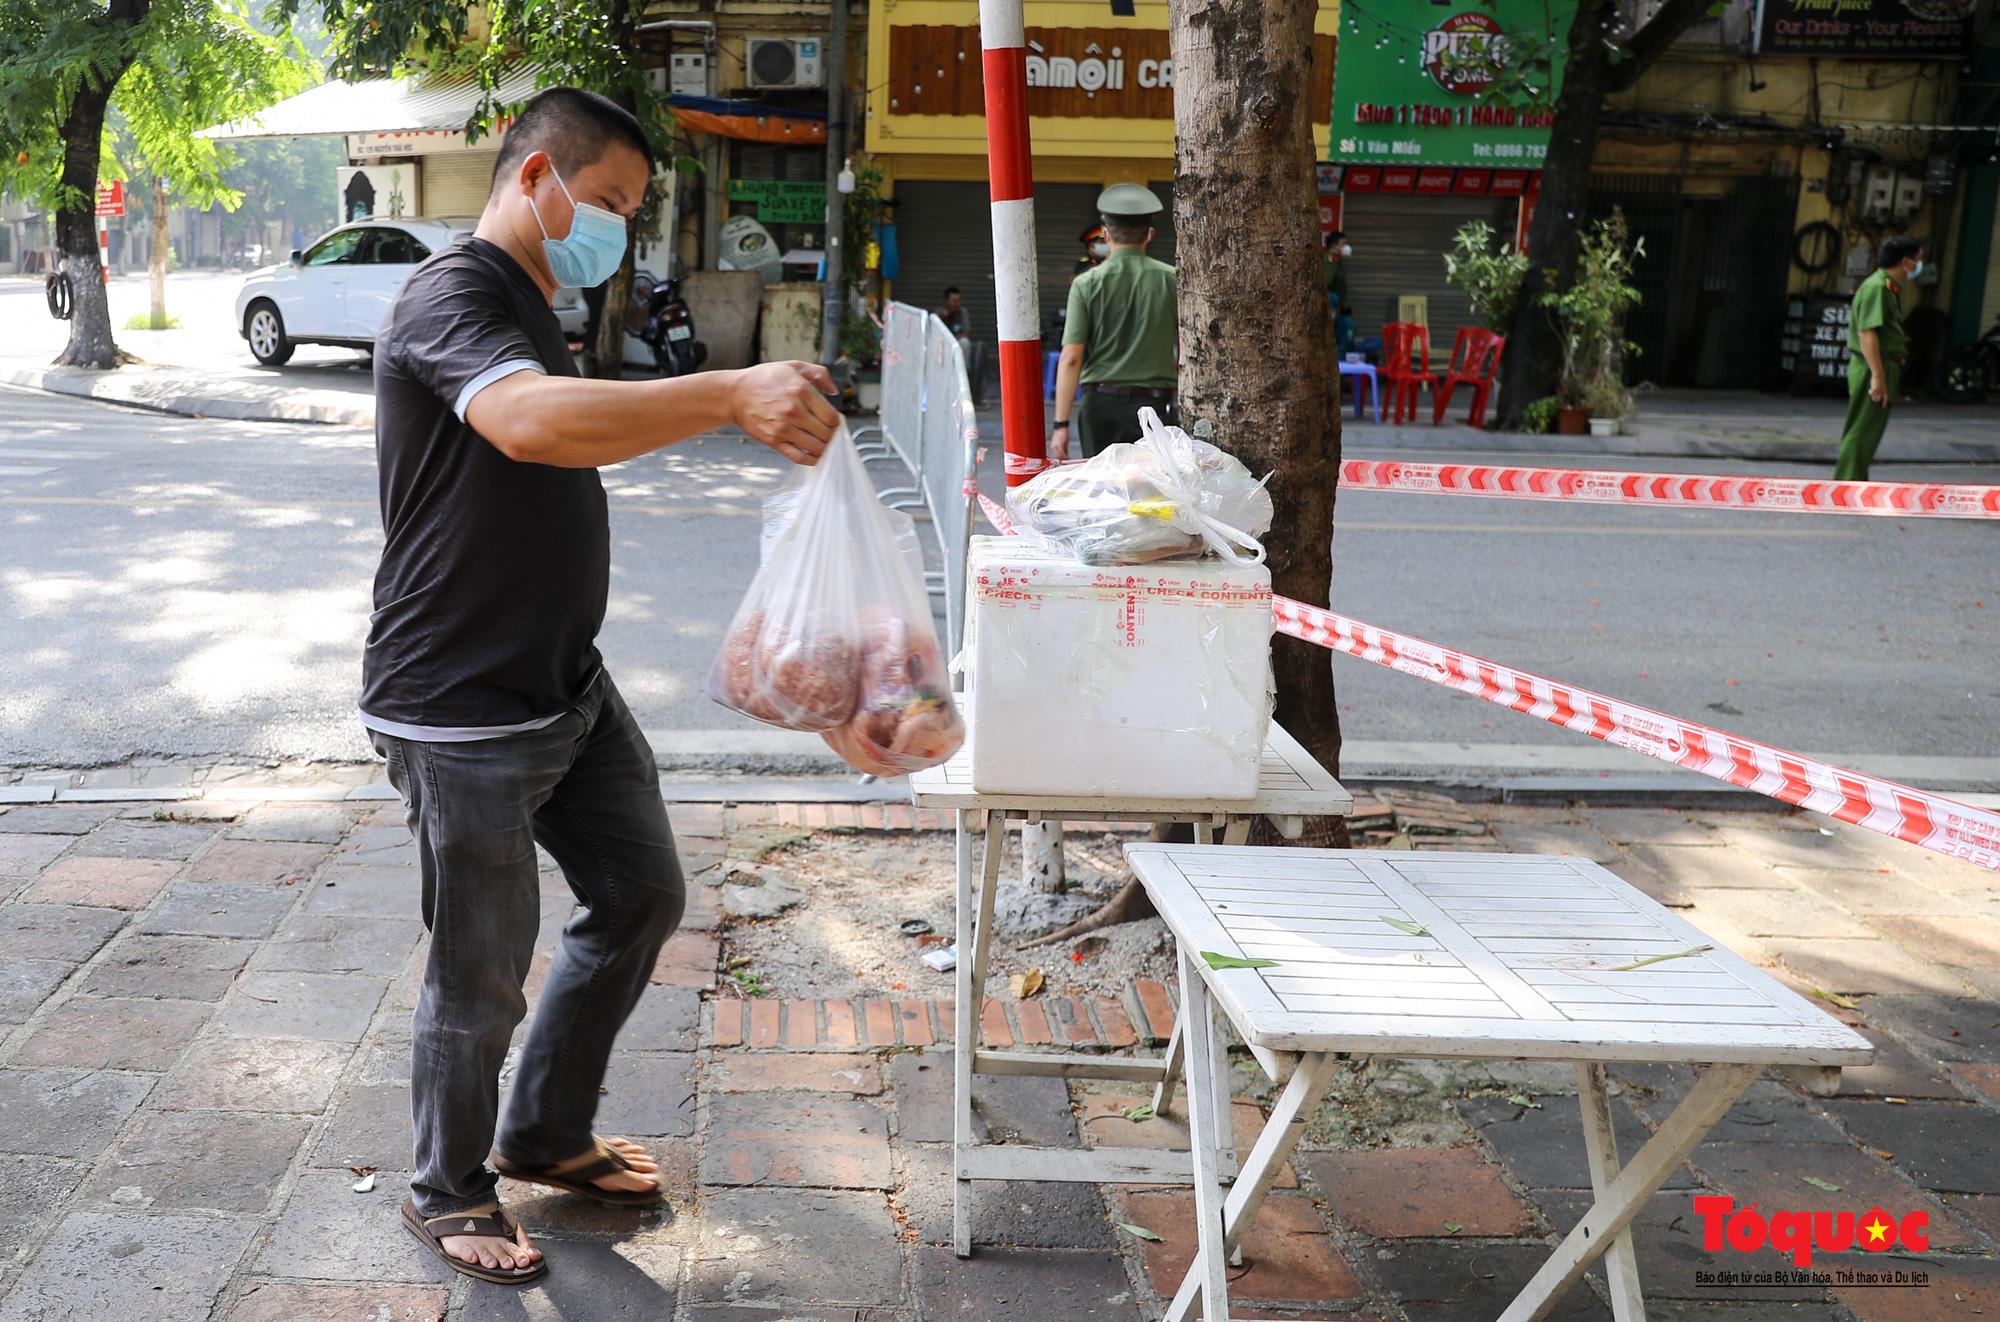 Hà Nội: Phong tỏa 2 phường Văn Miếu, Văn Chương, người dân xếp hàng tiếp tế cho khu cách ly - Ảnh 7.